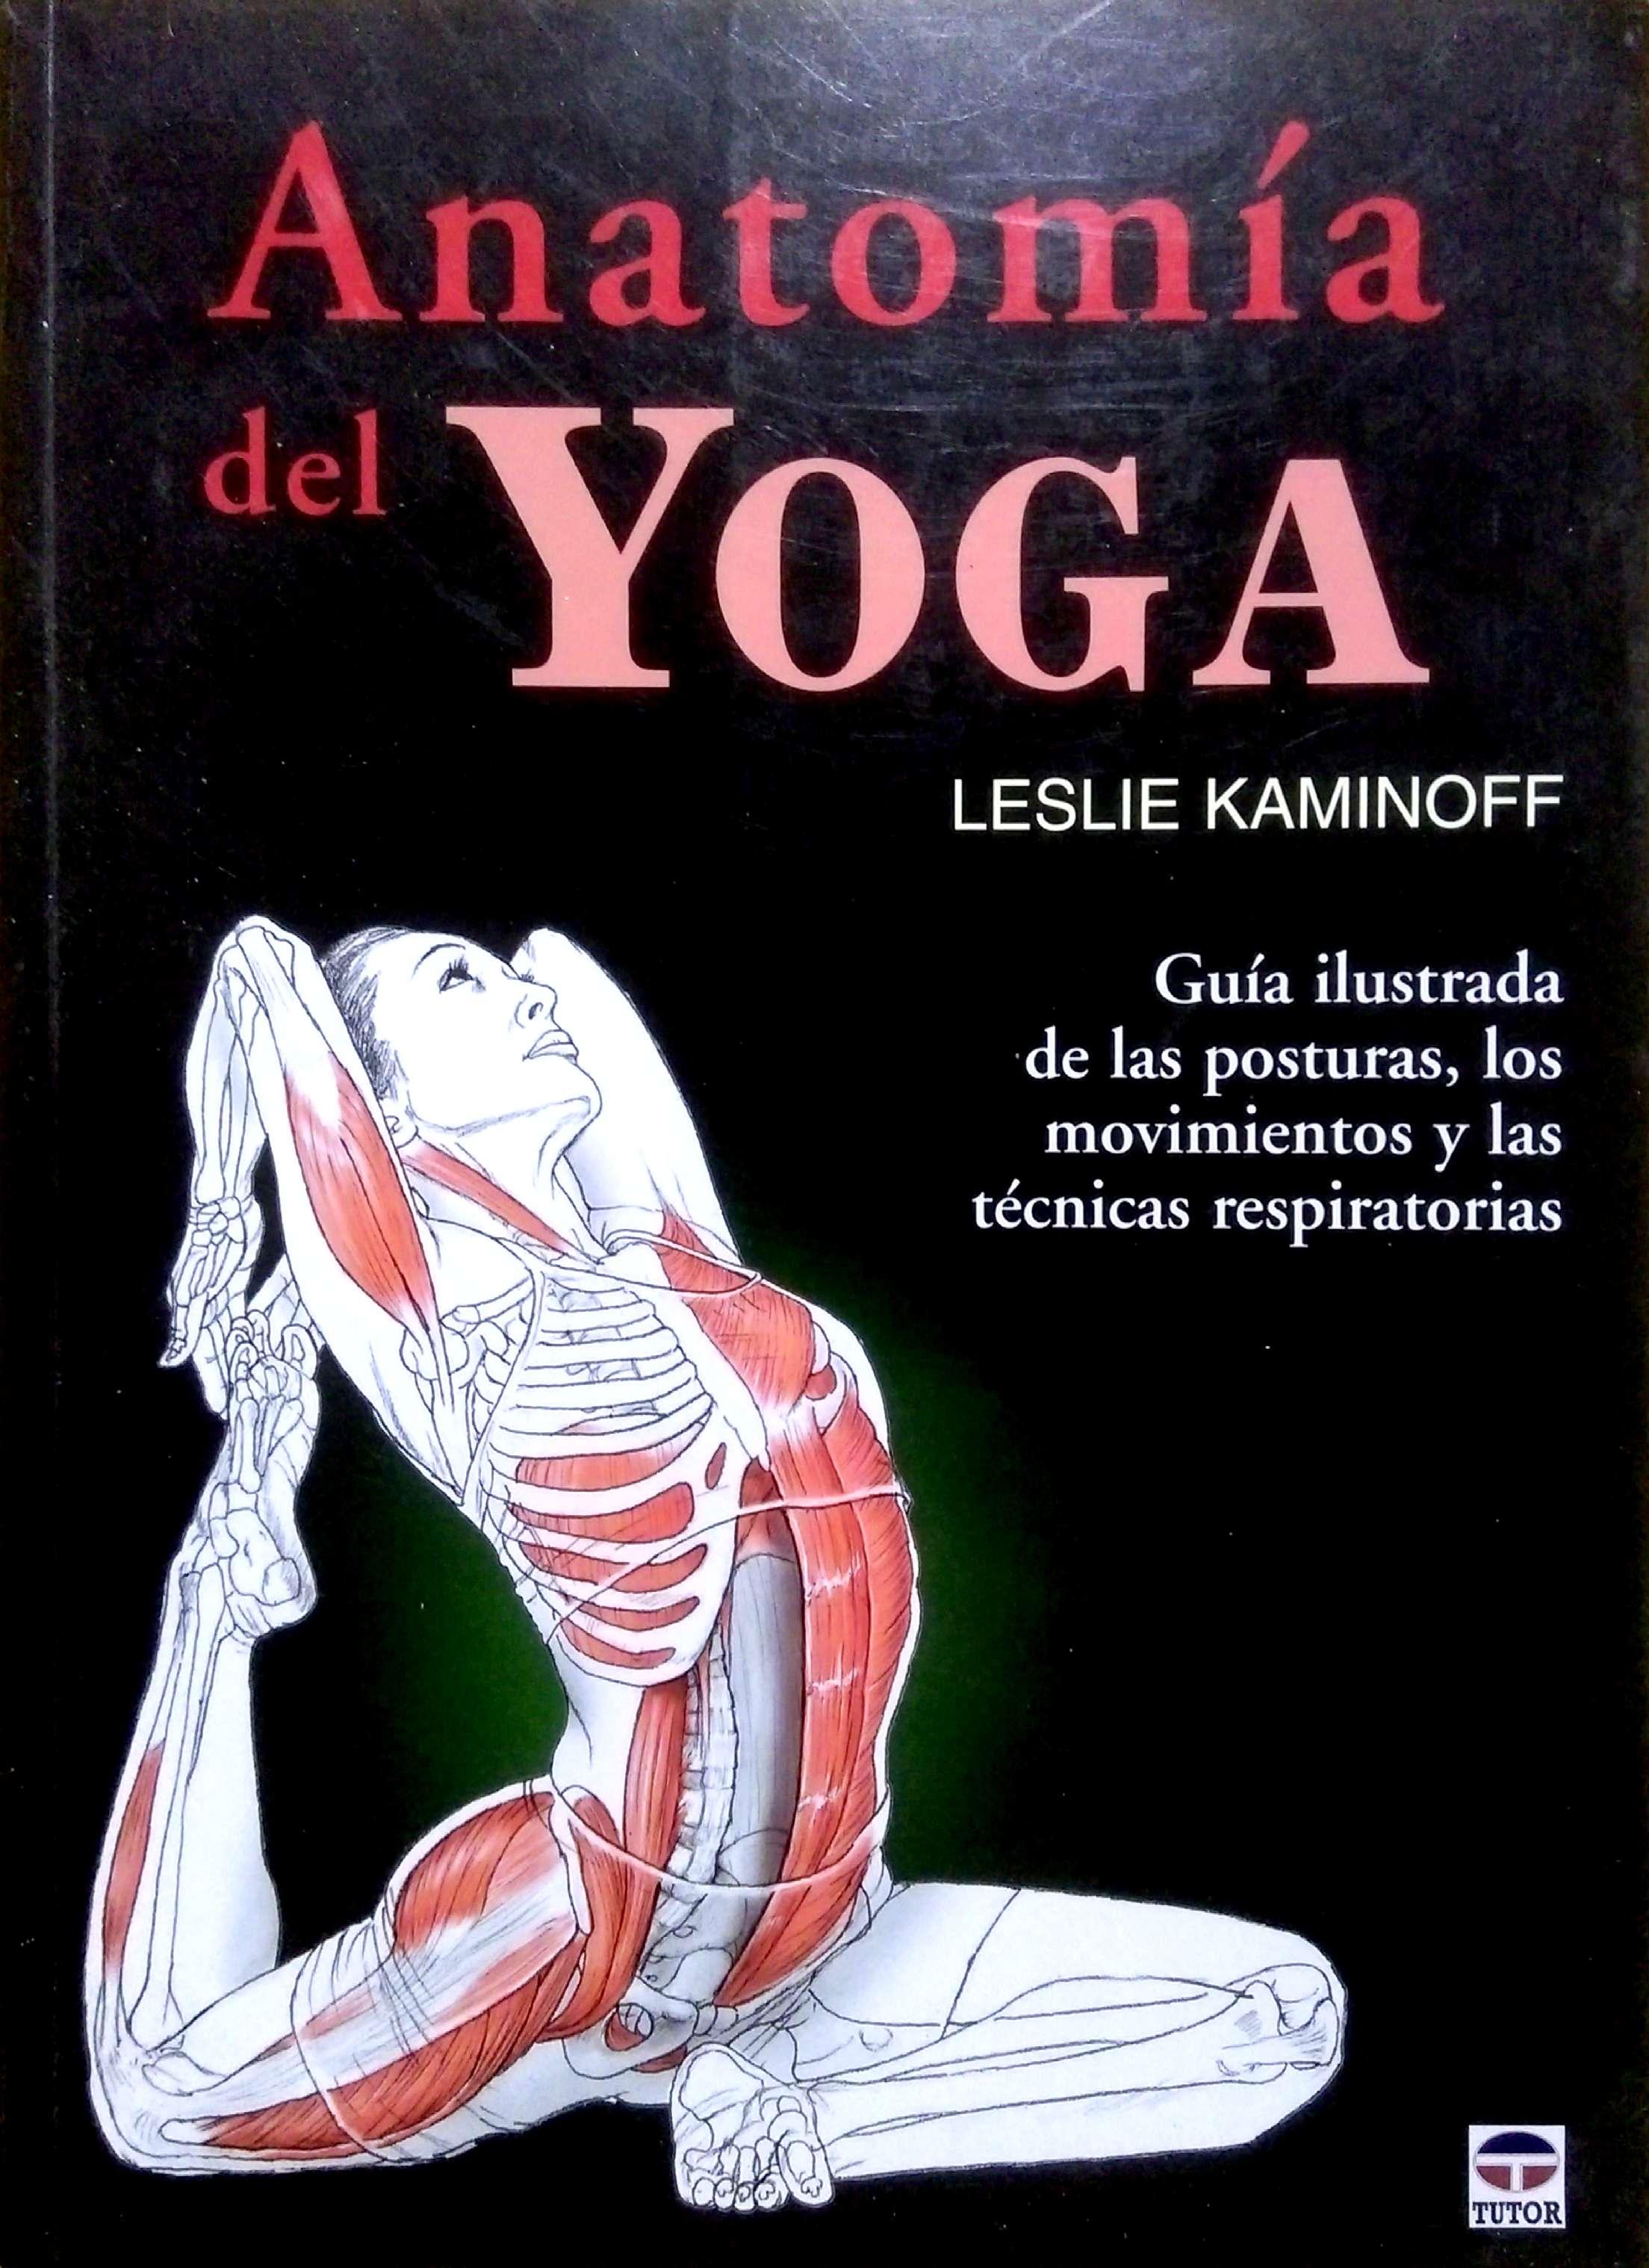 Anatomía del Yoga. Leslie Kaminoff - Clases particulares de yoga en ...